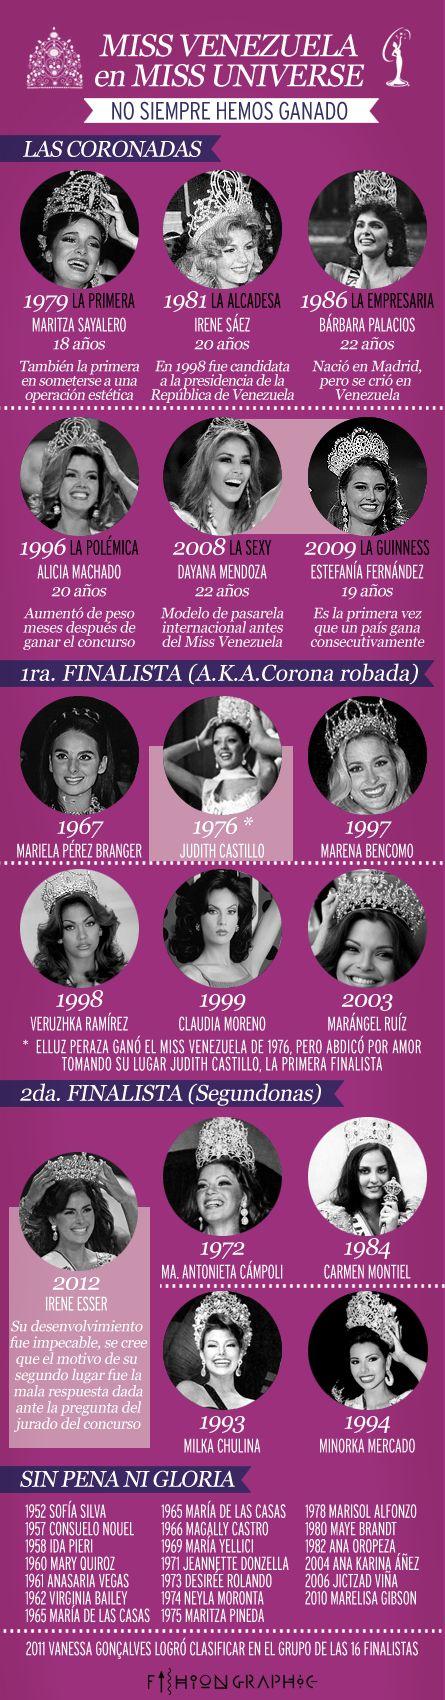 Venezuela en el Miss Universo, en la infografía solo falta la venezolana María Gabriela Isler, Miss Universo 2013.